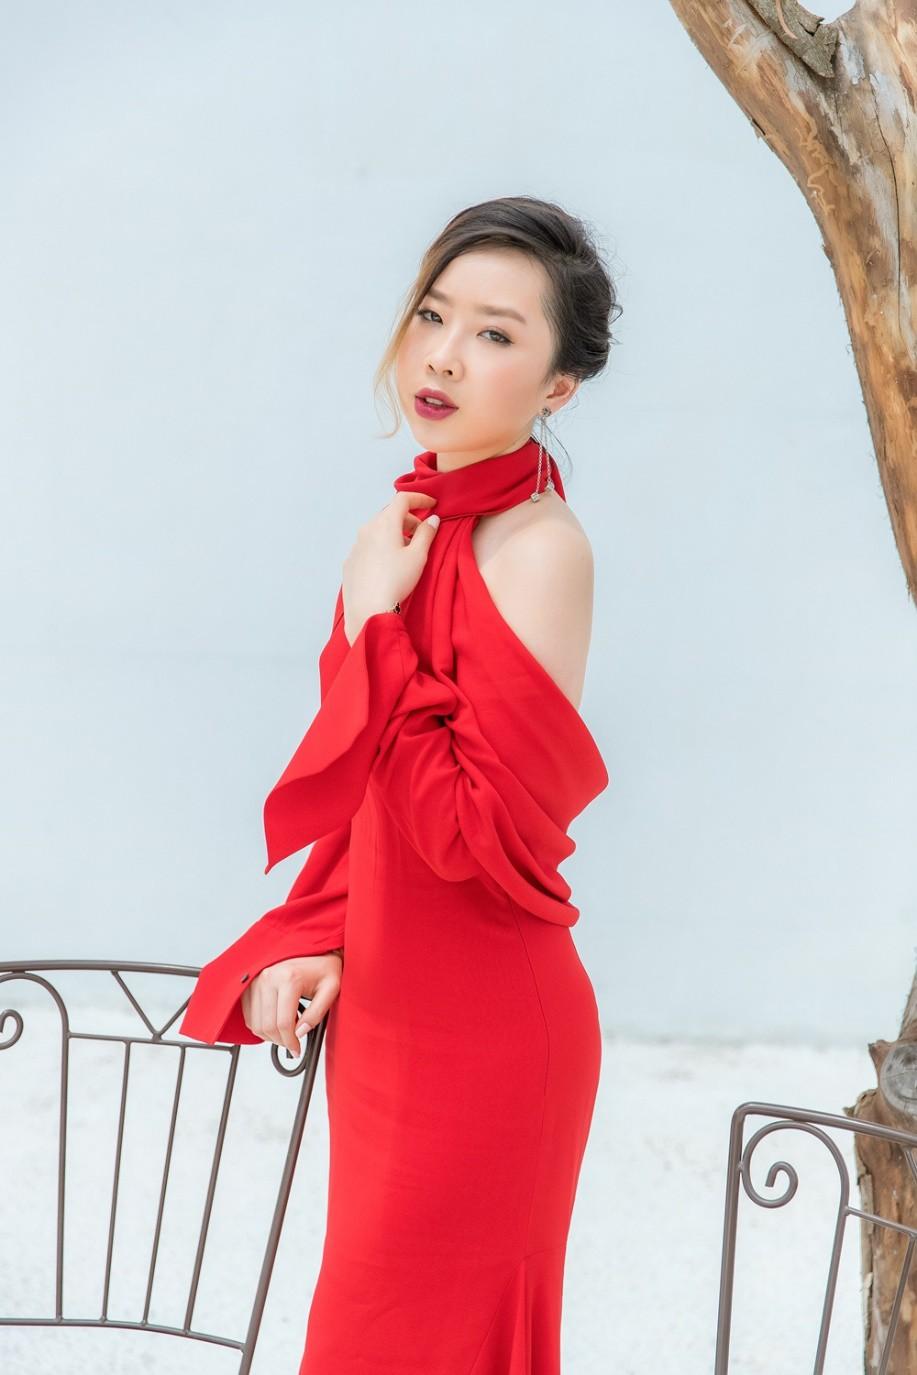 """Gặp gỡ cô nàng du học sinh """"mặc chất"""" như fashionista khiến NTK Văn Thành Công xao xuyến - Ảnh 7."""